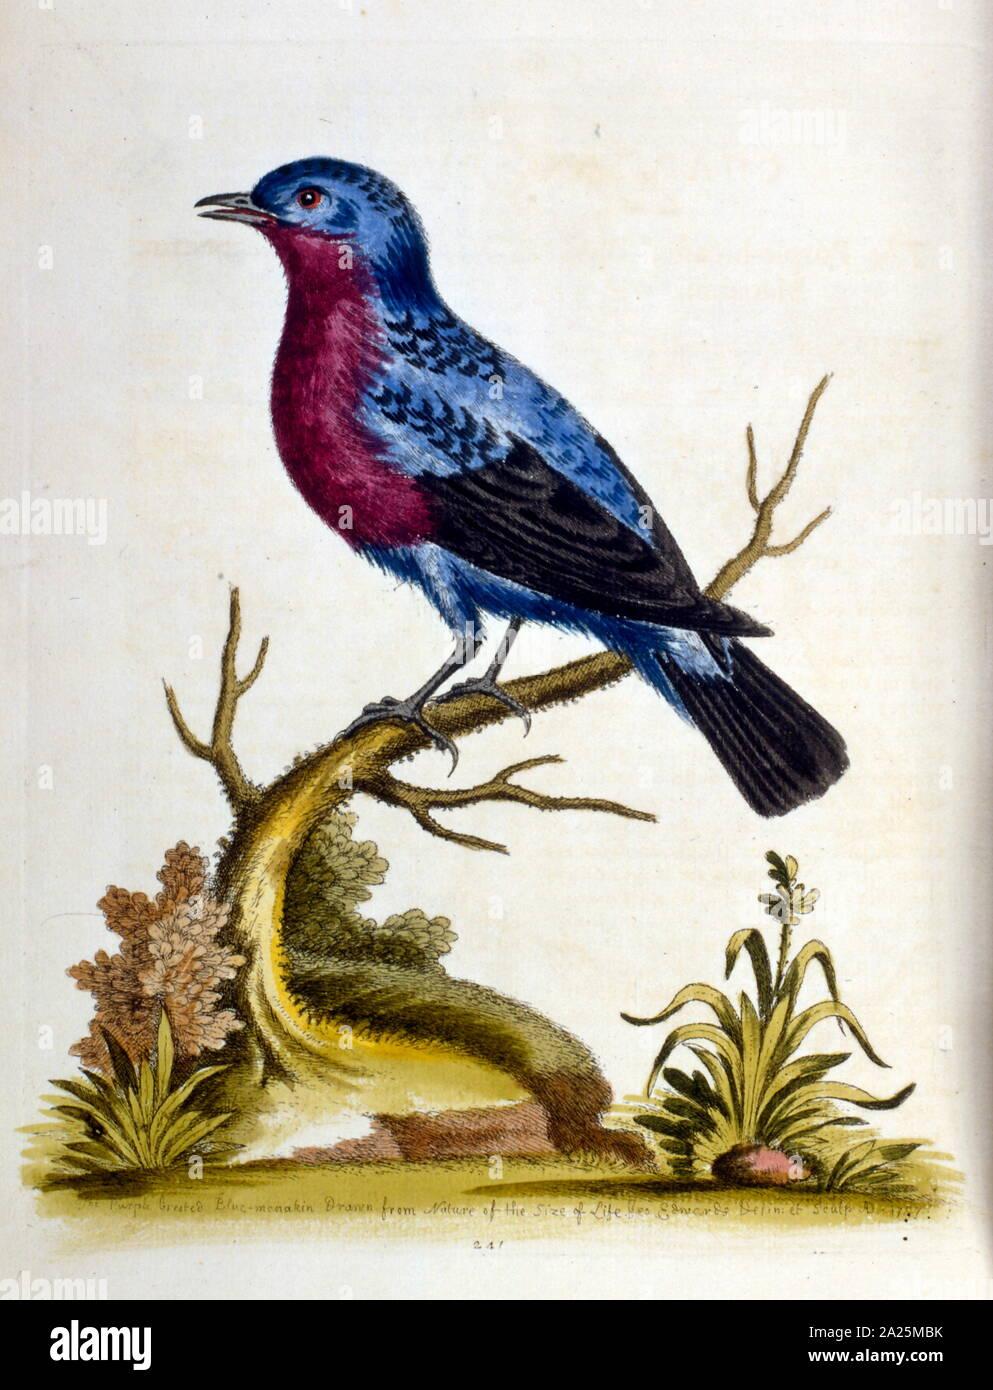 Acuarela ilustración de un libro de aves raras por G Edwards 1750. George Edwards (1694-1773) fue un naturalista británico y ornitólogo. Viajó extensamente a través de Europa, estudiando la historia natural y las aves en particular. Obtuvo cierto reconocimiento por sus dibujos coloreados, y publicó su primer trabajo en 1743 - El primer volumen de una historia natural de aves poco comunes. Foto de stock